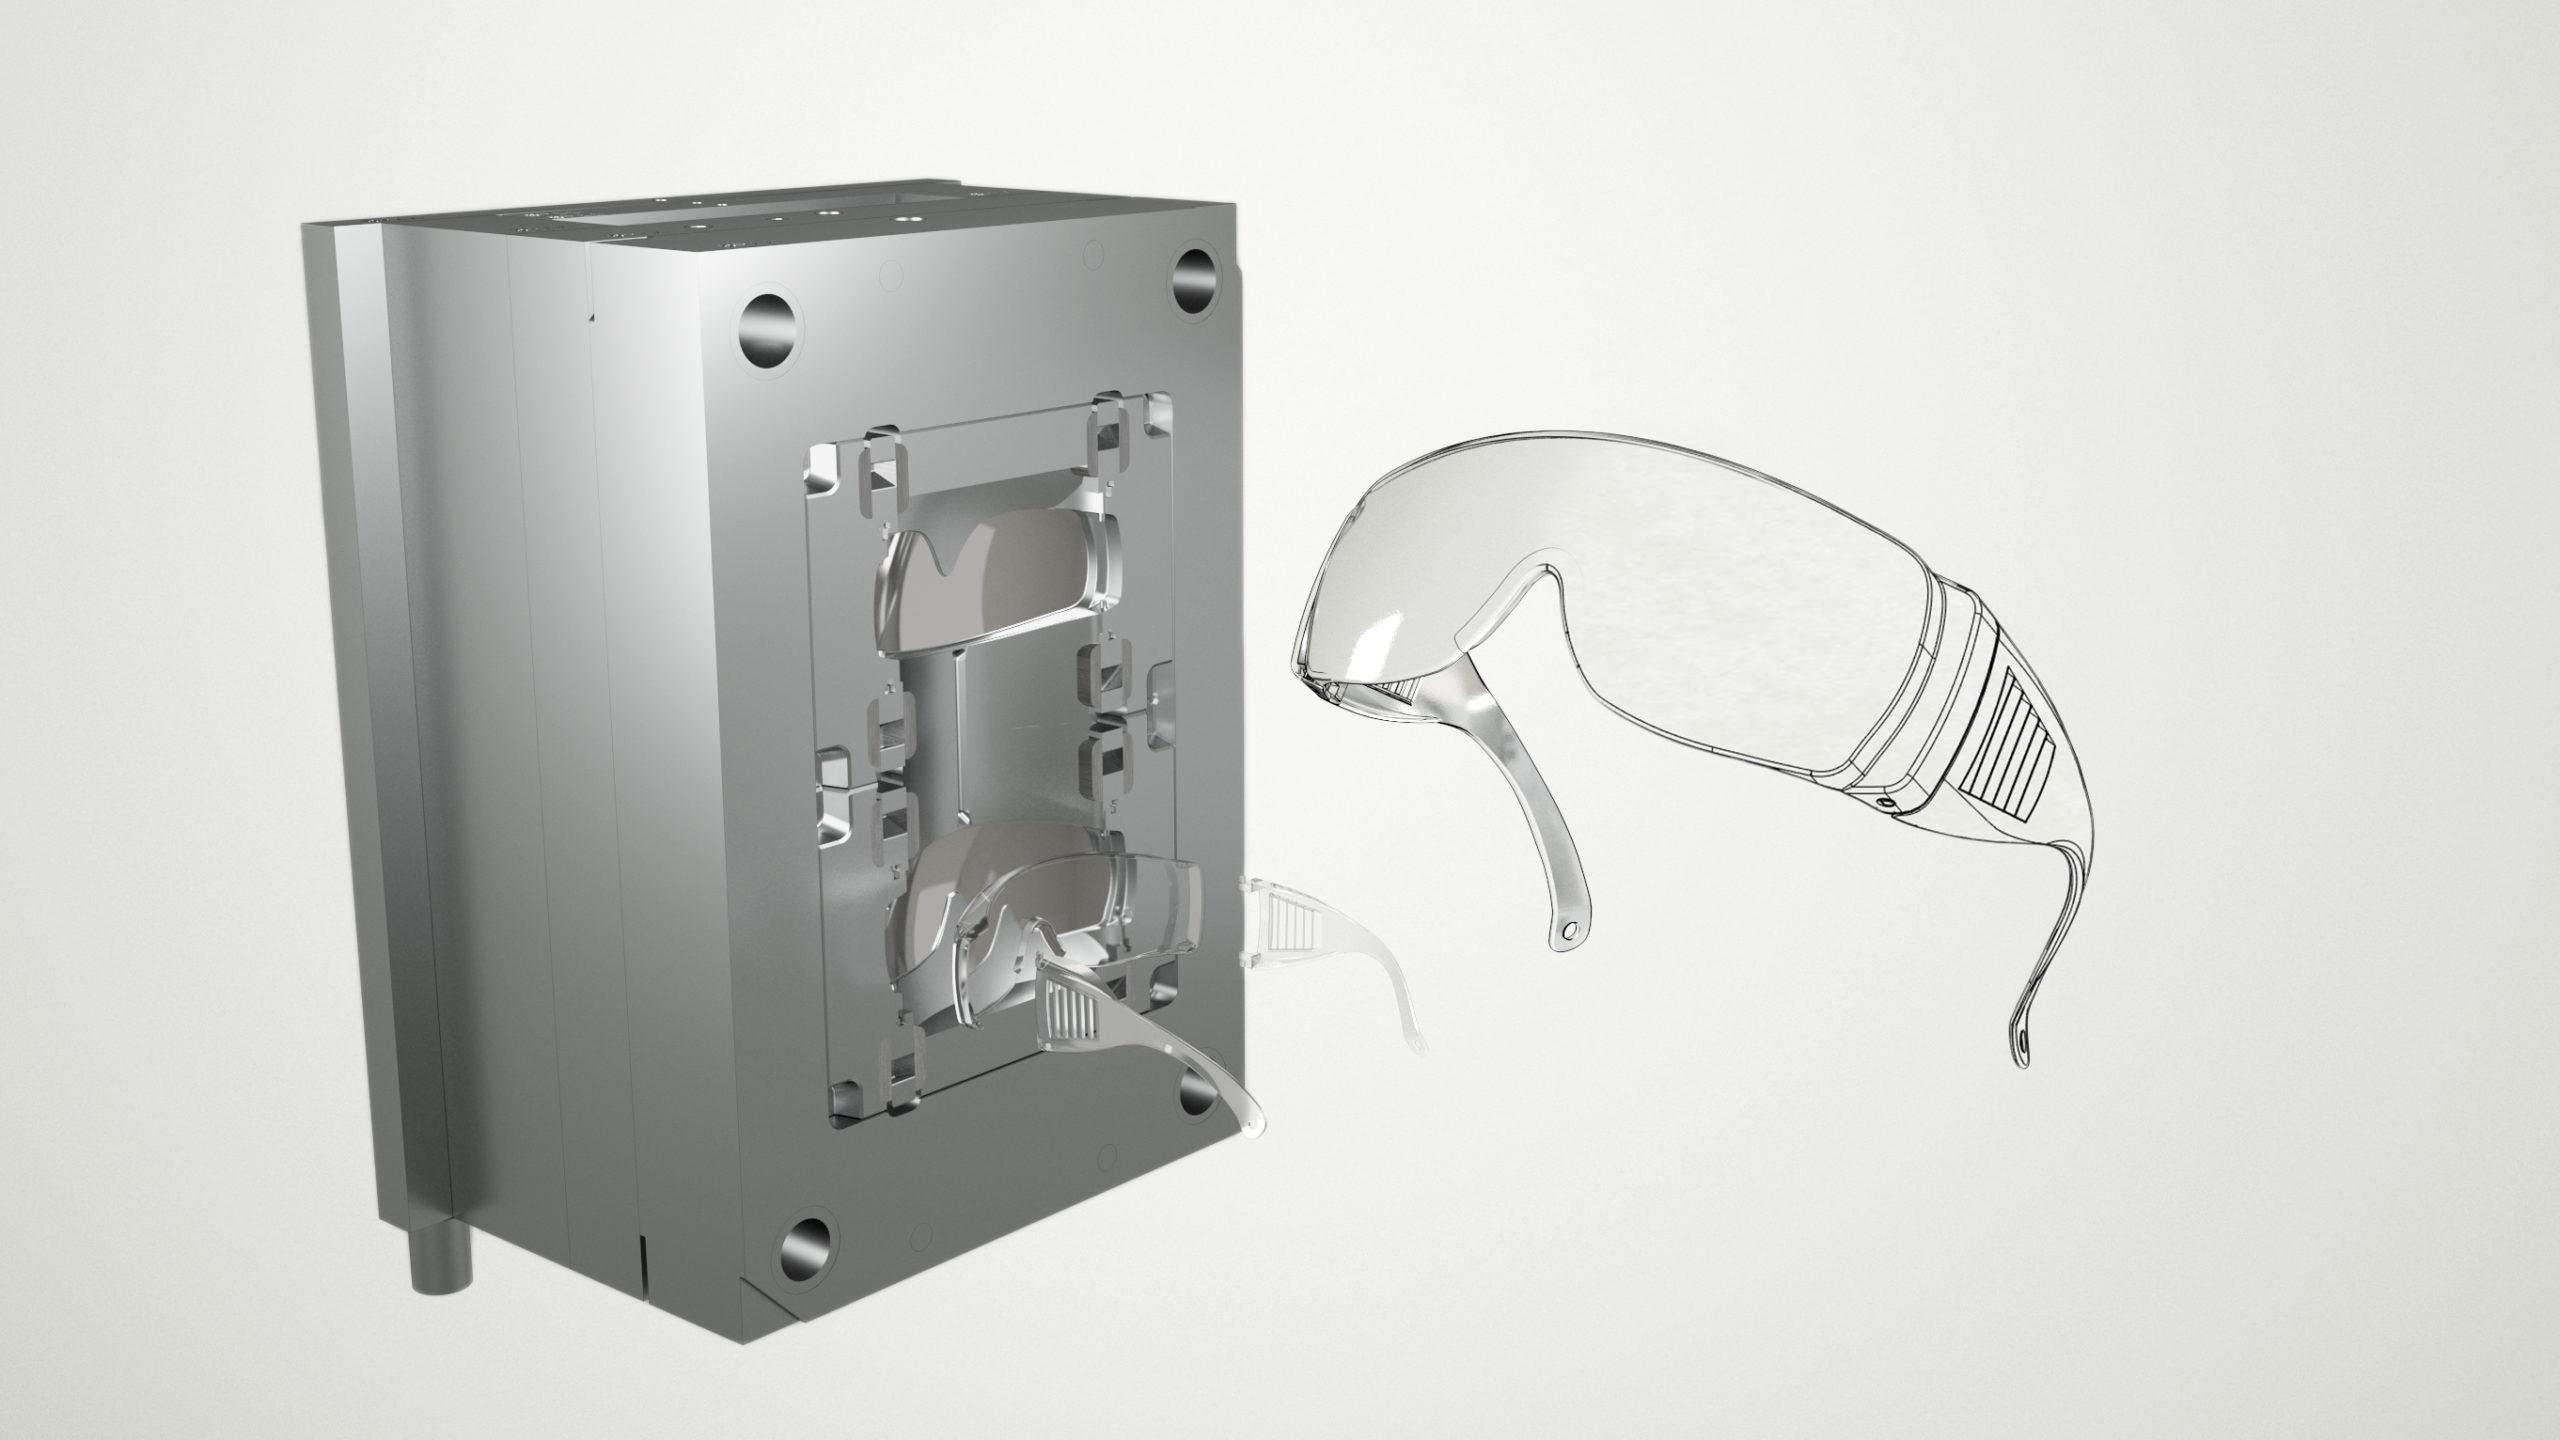 Desarrollo, diseño y fabricación de producto y moldes de inyección de plástico